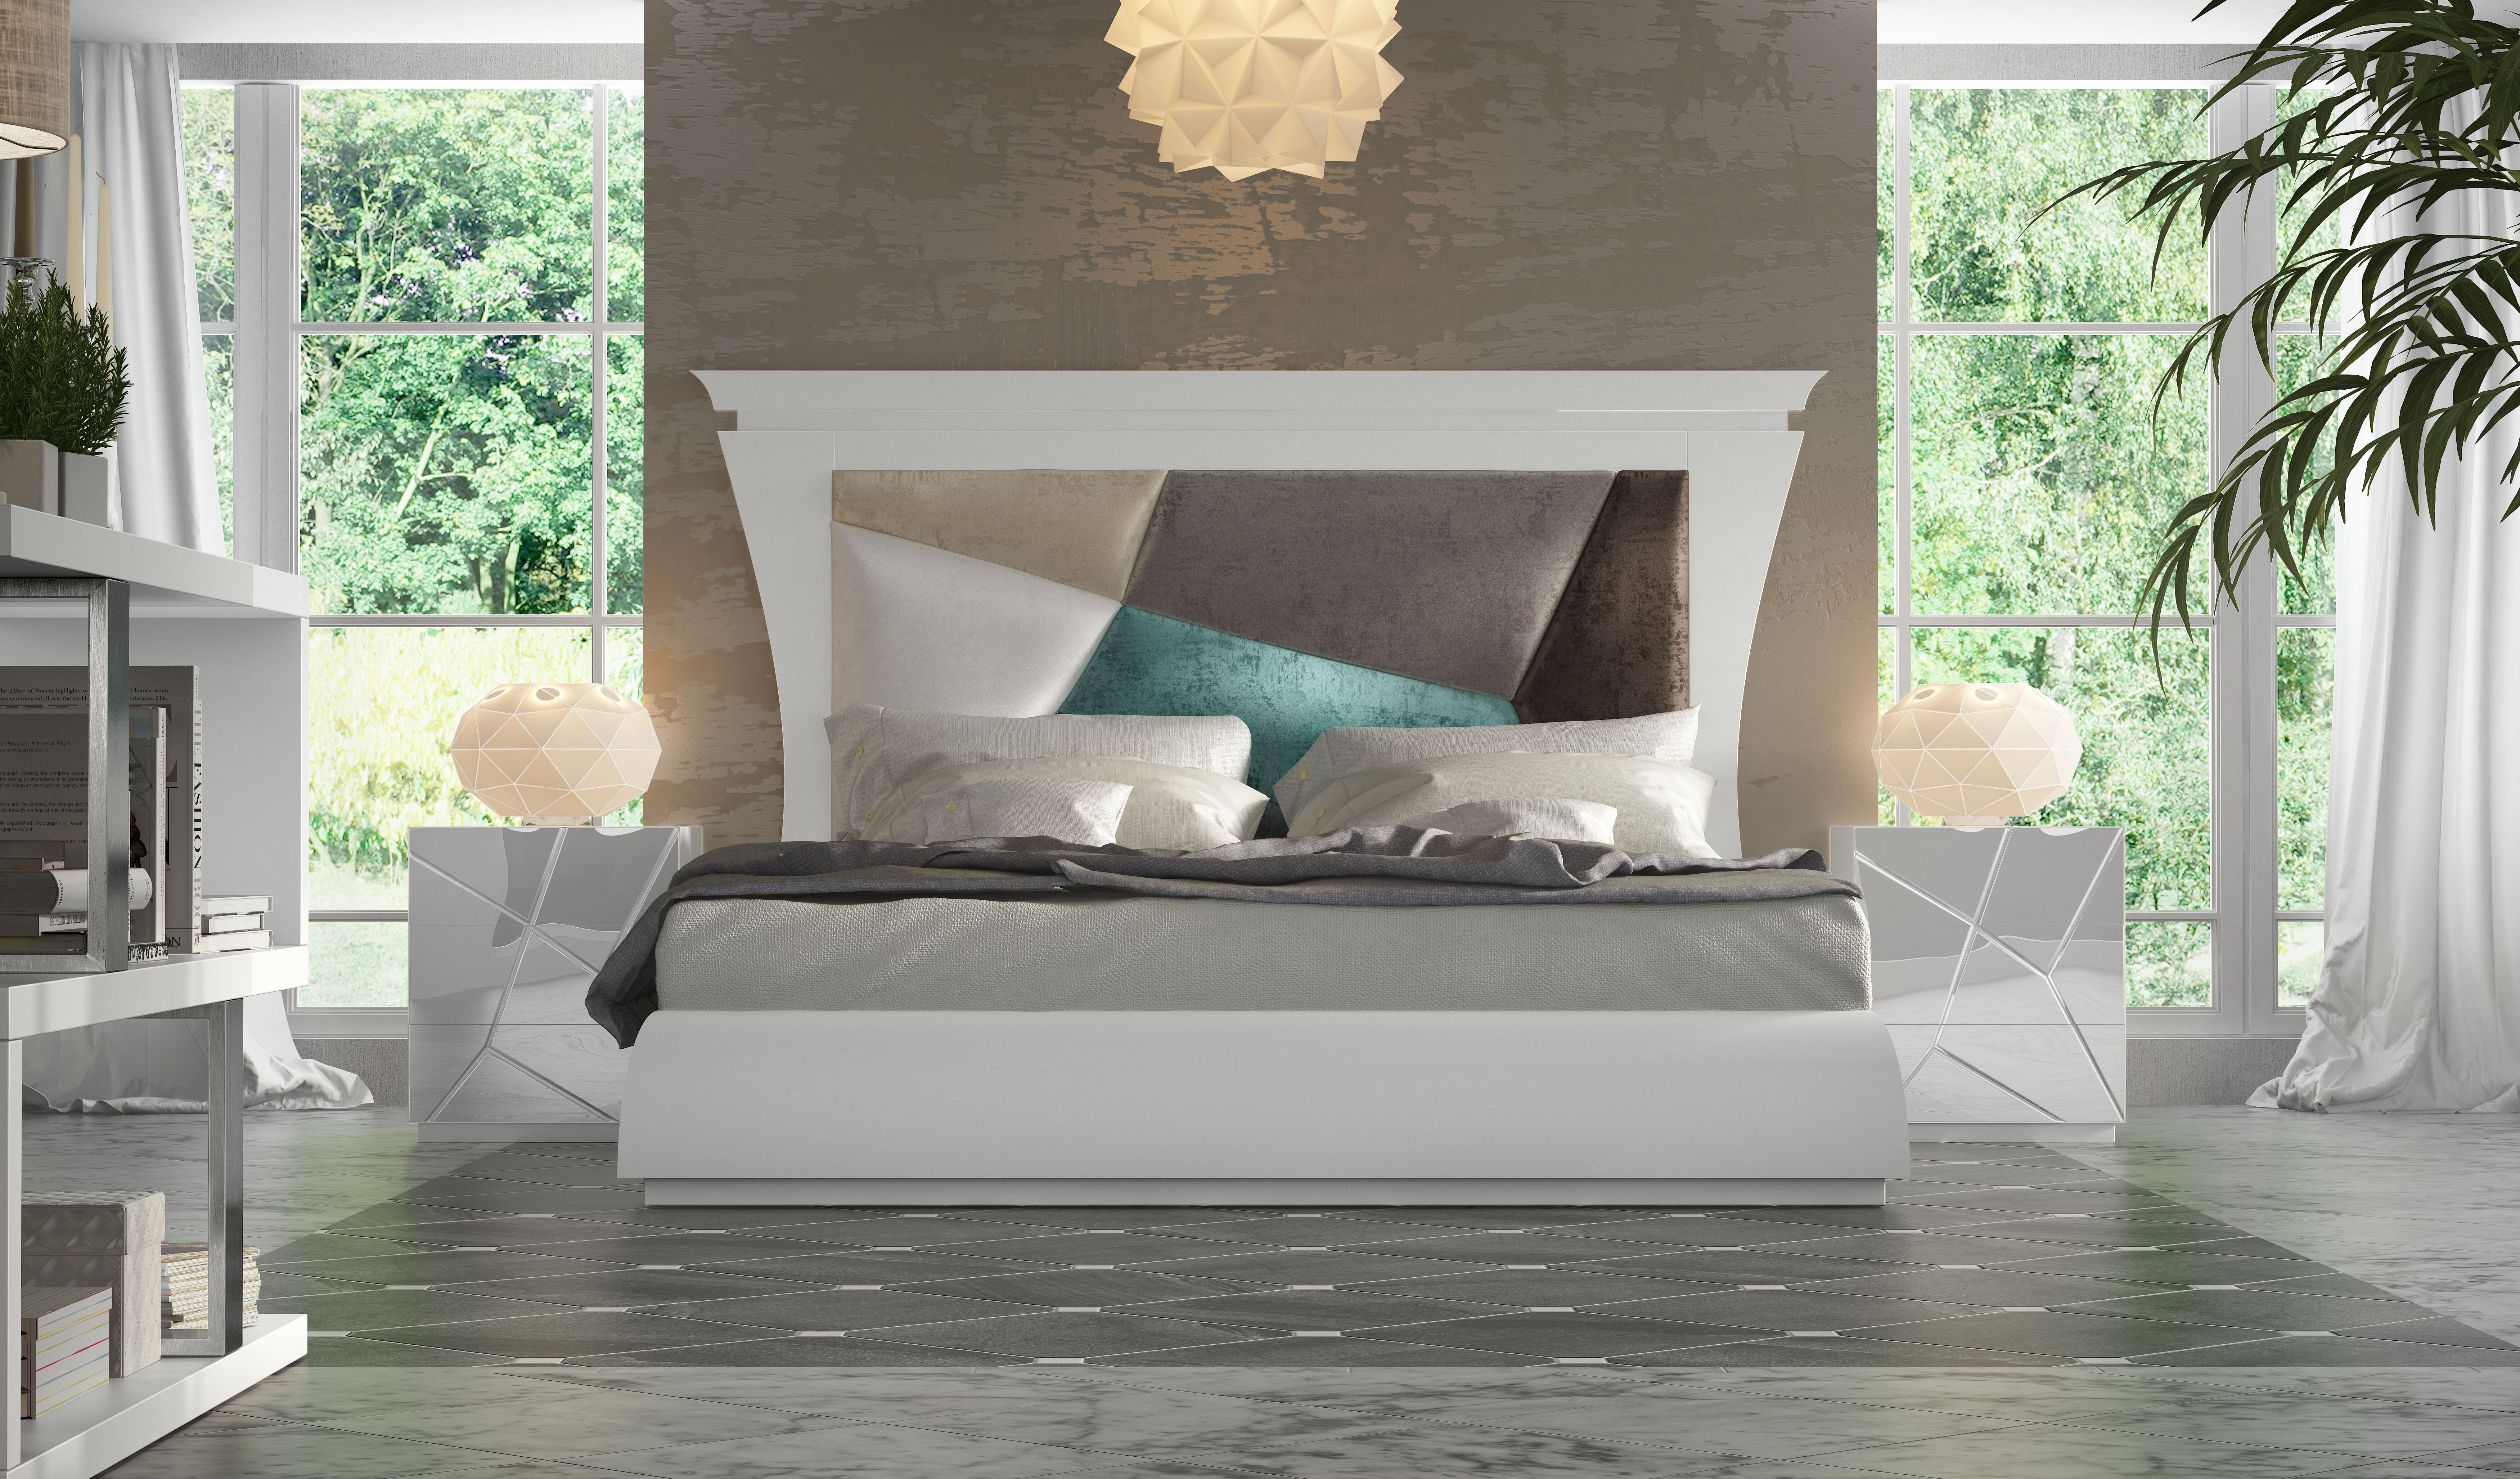 Wayfair Bedroom Set Queen Elegant Helotes King Standard 3 Piece Bedroom Set